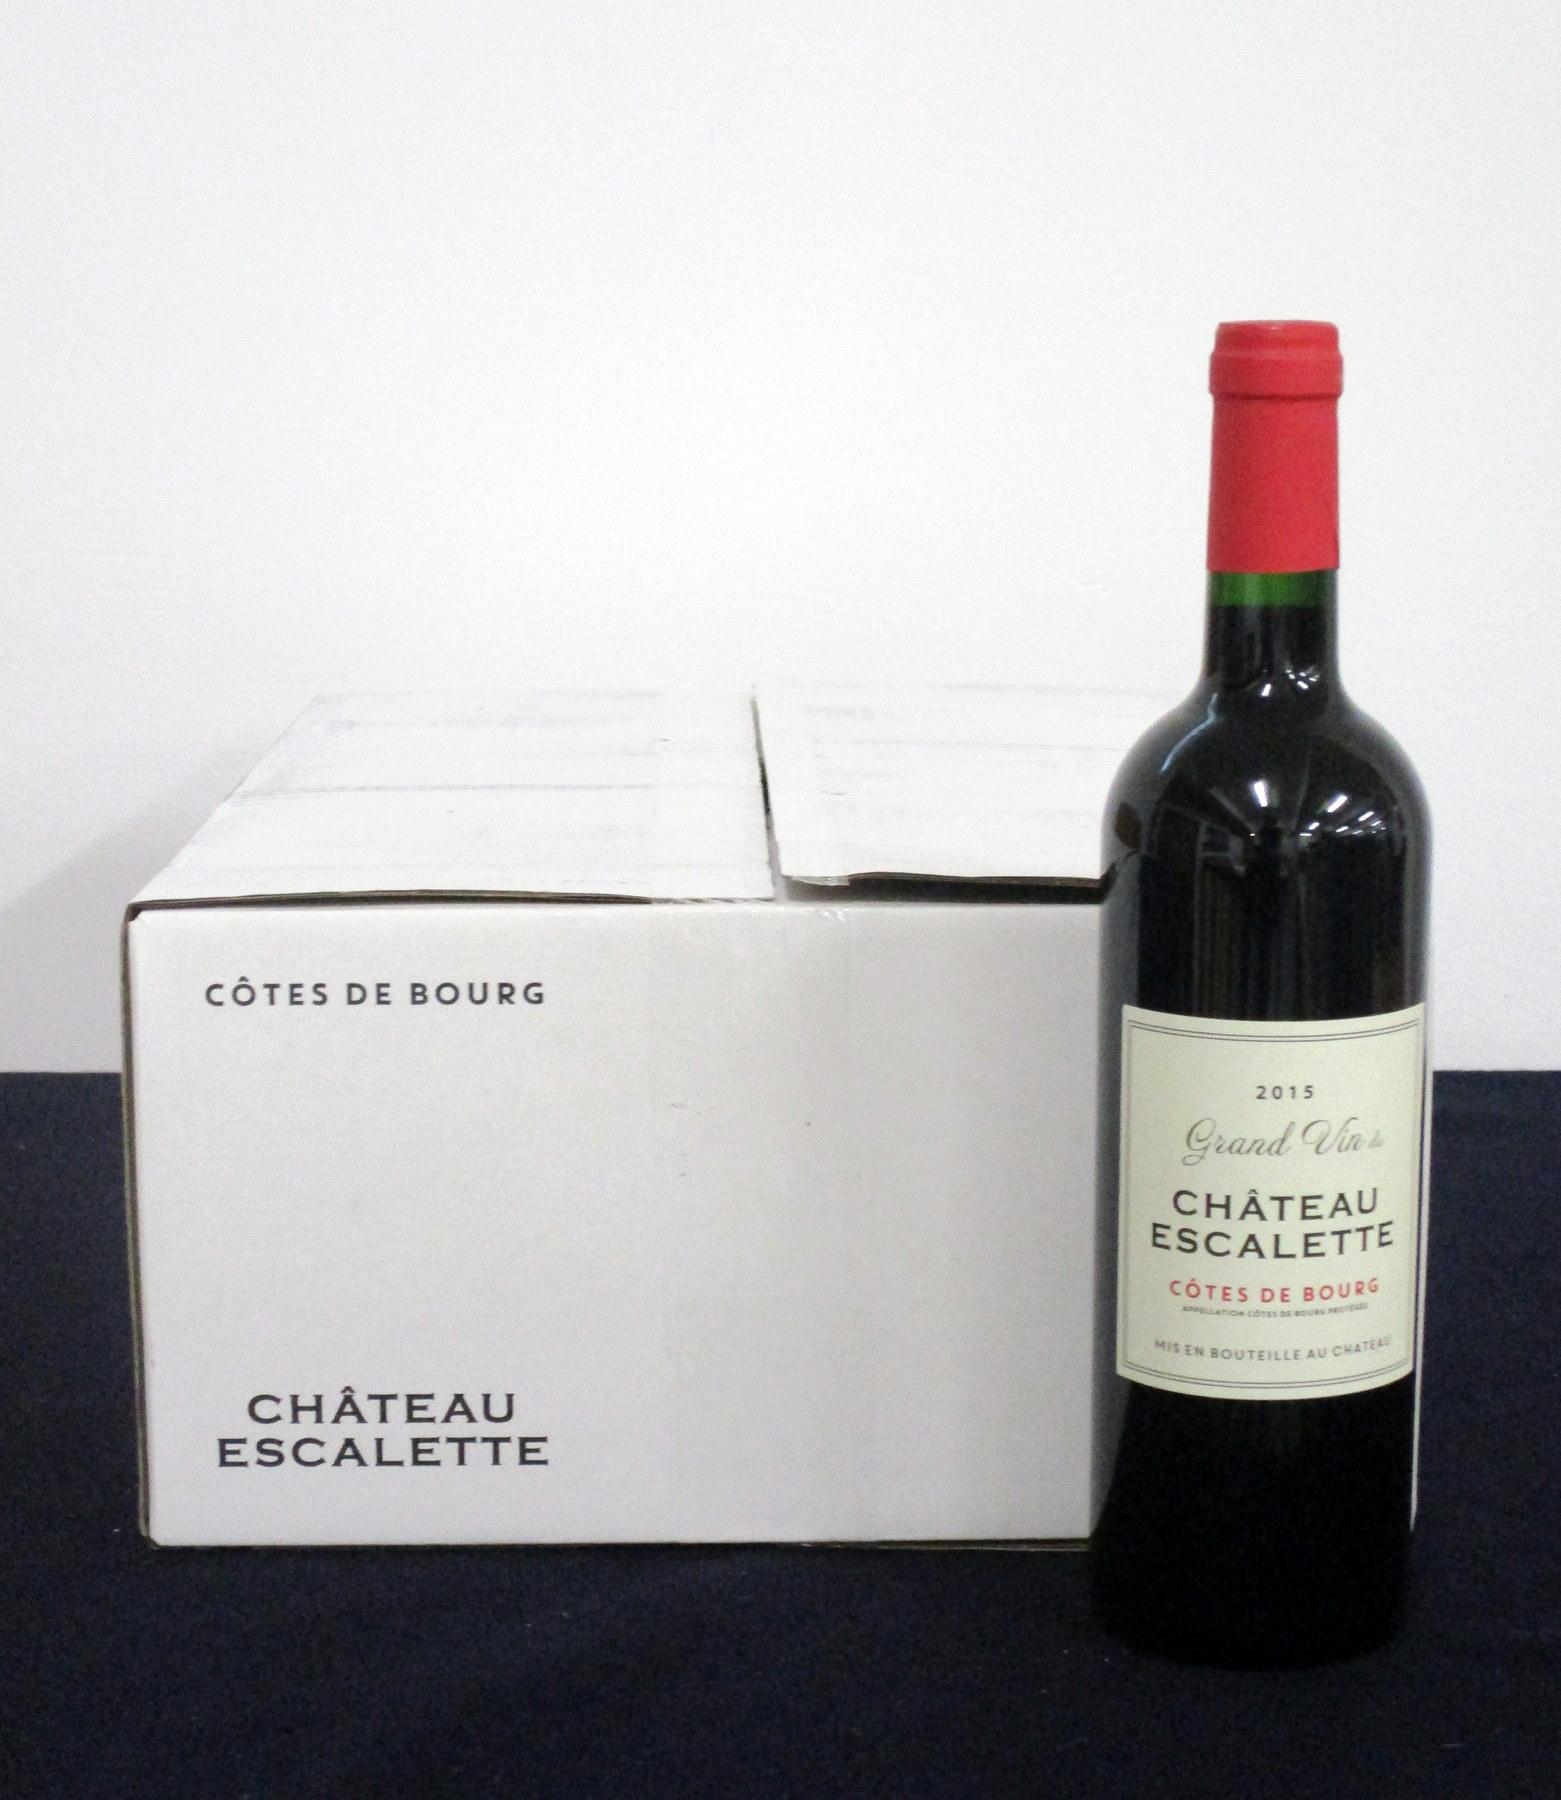 v 12 bts Ch. Escalette (Grand Vin) Côtes de Bourg 2015 oc